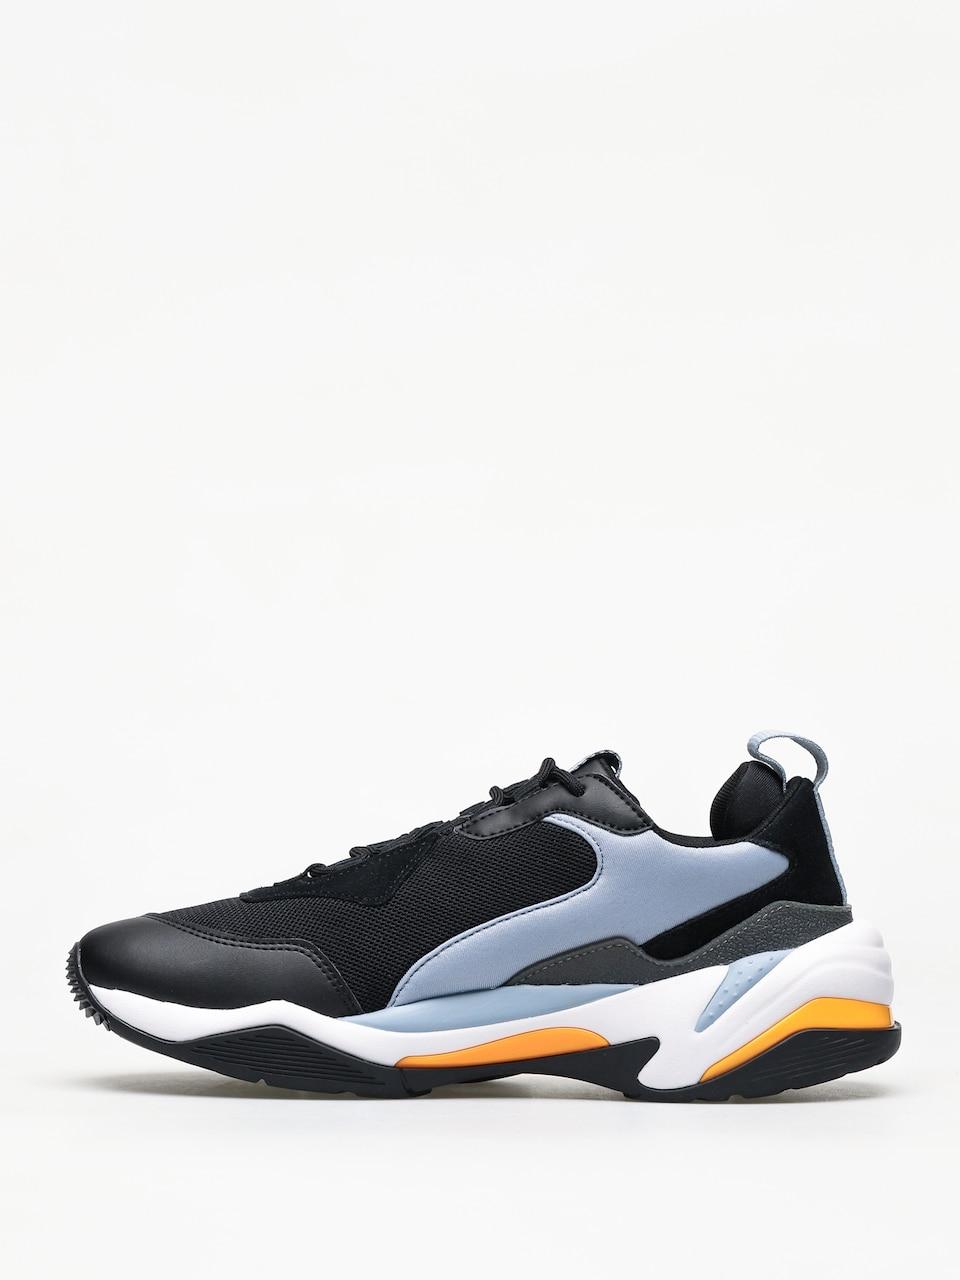 Puma Thunder Fashion 2.0 Shoes (puma